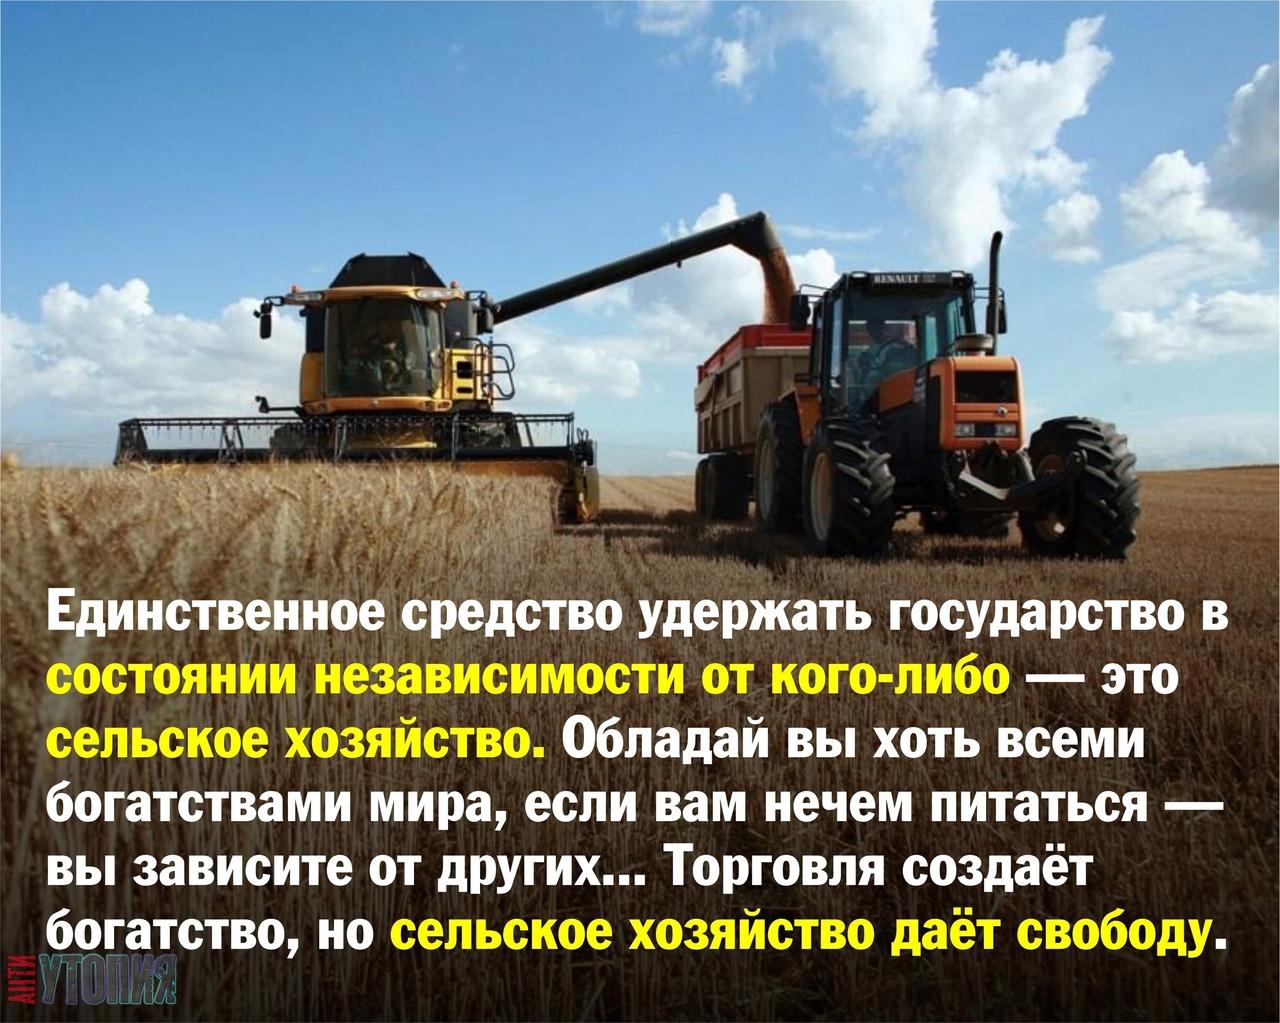 АНТИУТОПИЯ  УТОПИЯ 137962